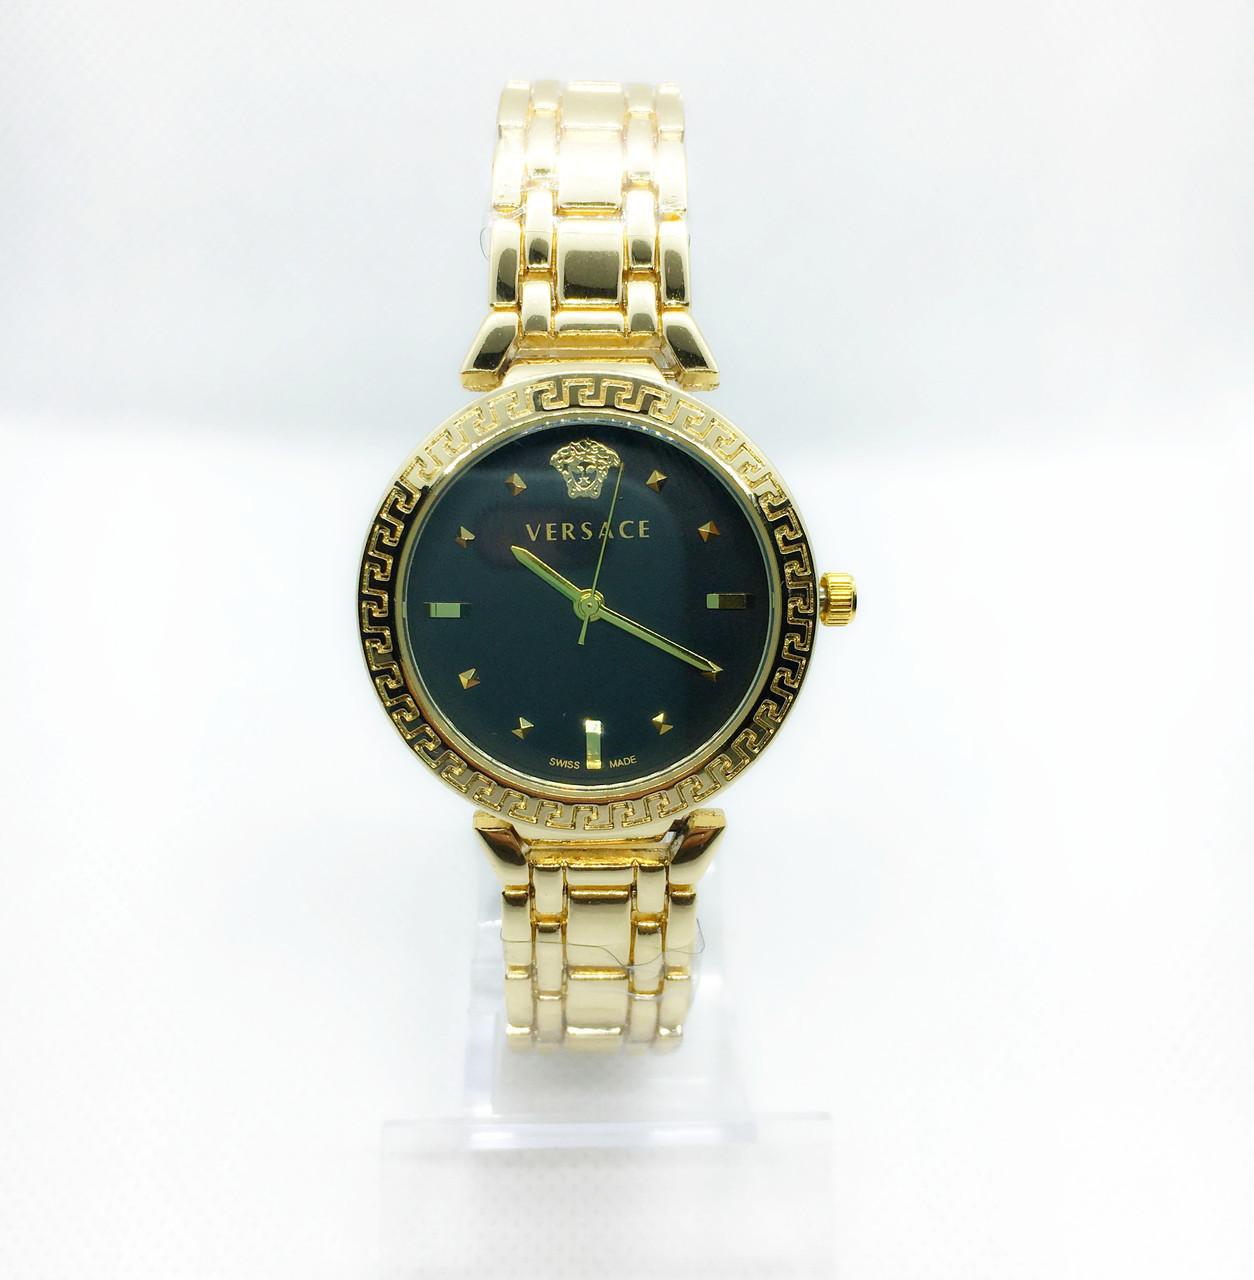 Женские наручные часы Versace (Версаче), золото с черным циферблатом